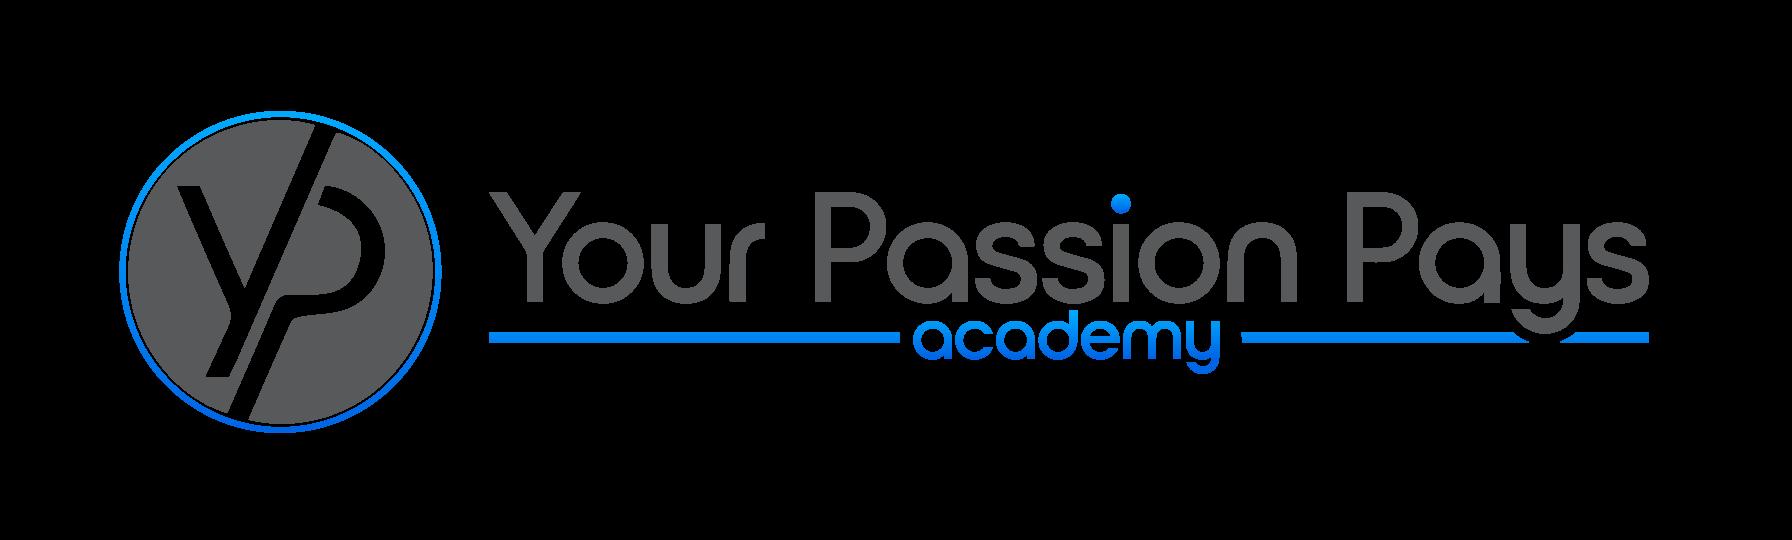 YourPassionPays Academy